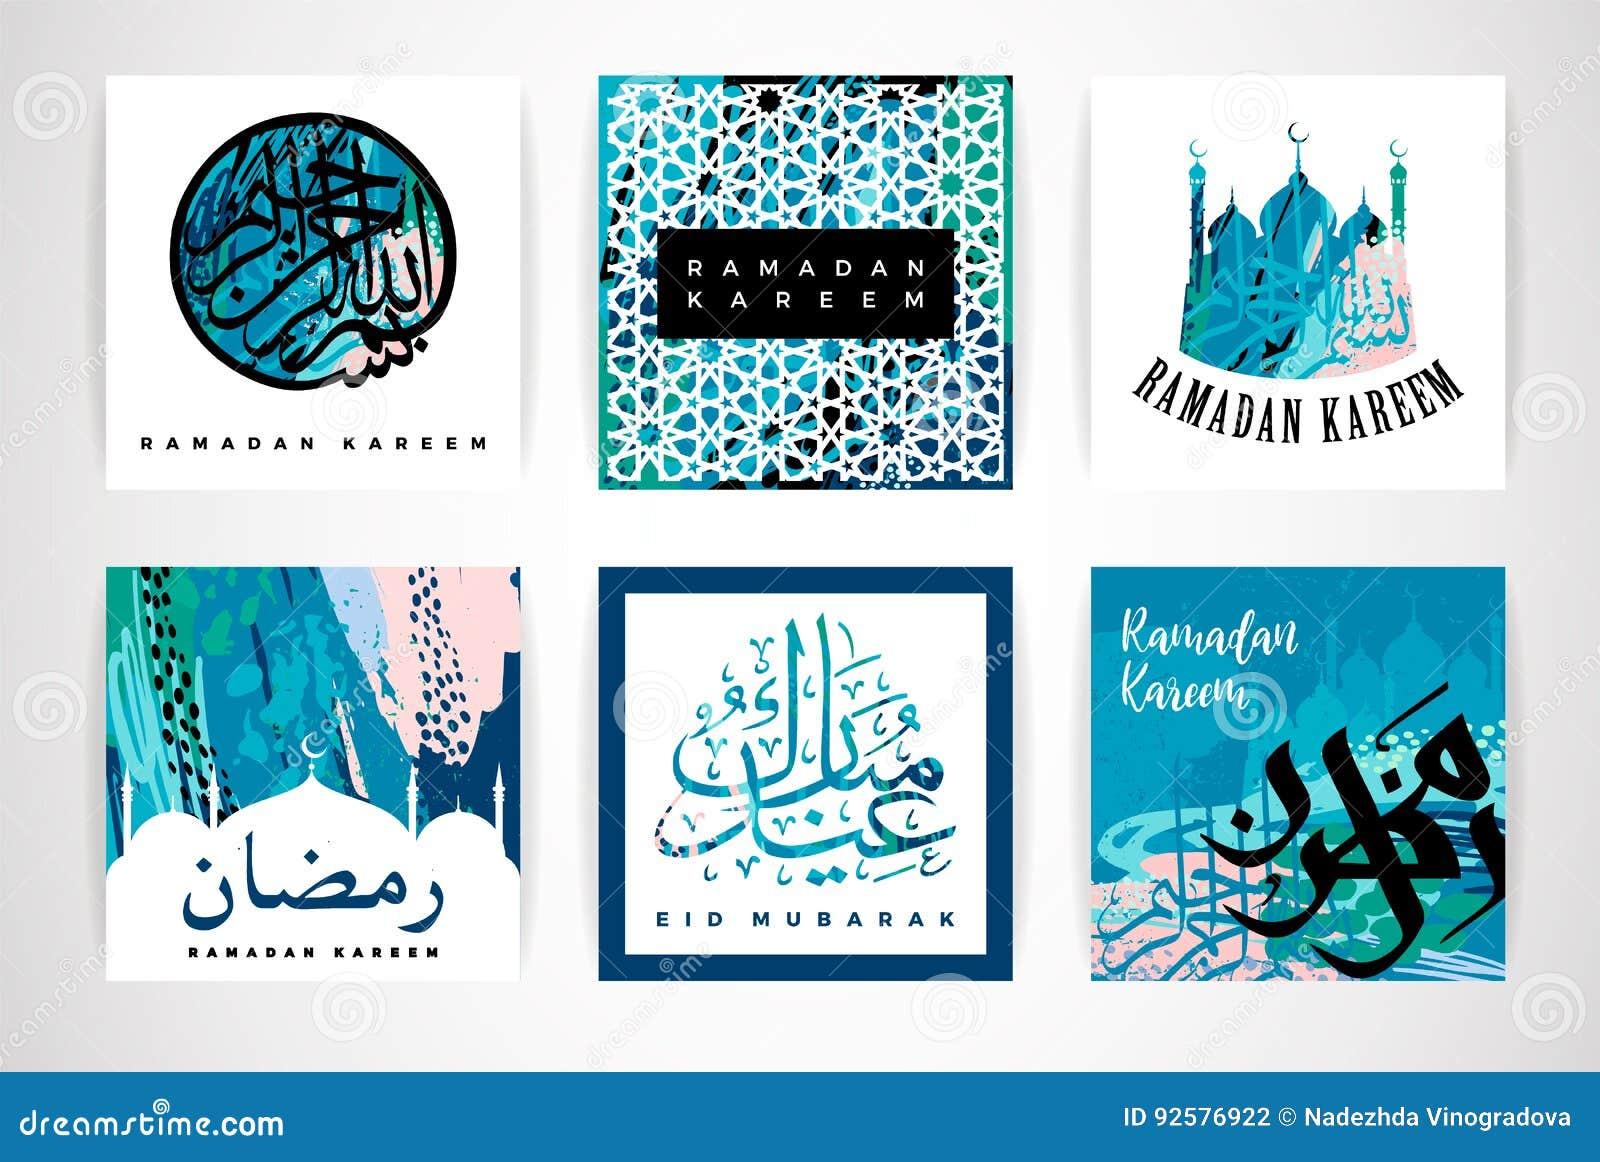 Set of abstract creative cards. Ramadan Kareem.